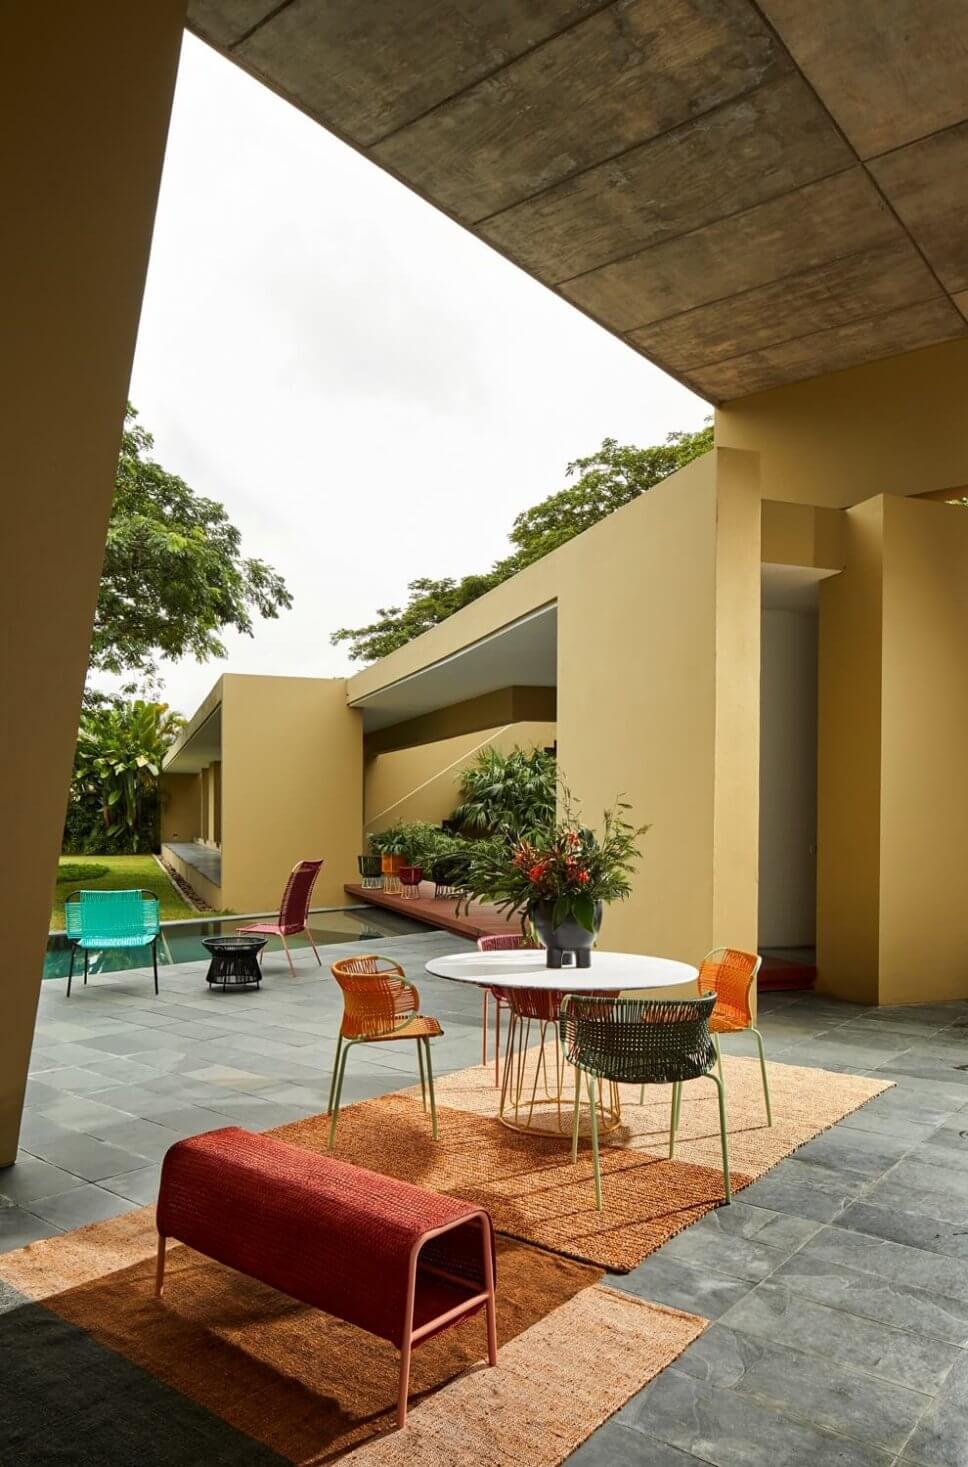 Terrasse mit Teppichen, Bank und Sesseln aus Geflecht in einer kolumbianischen Casa